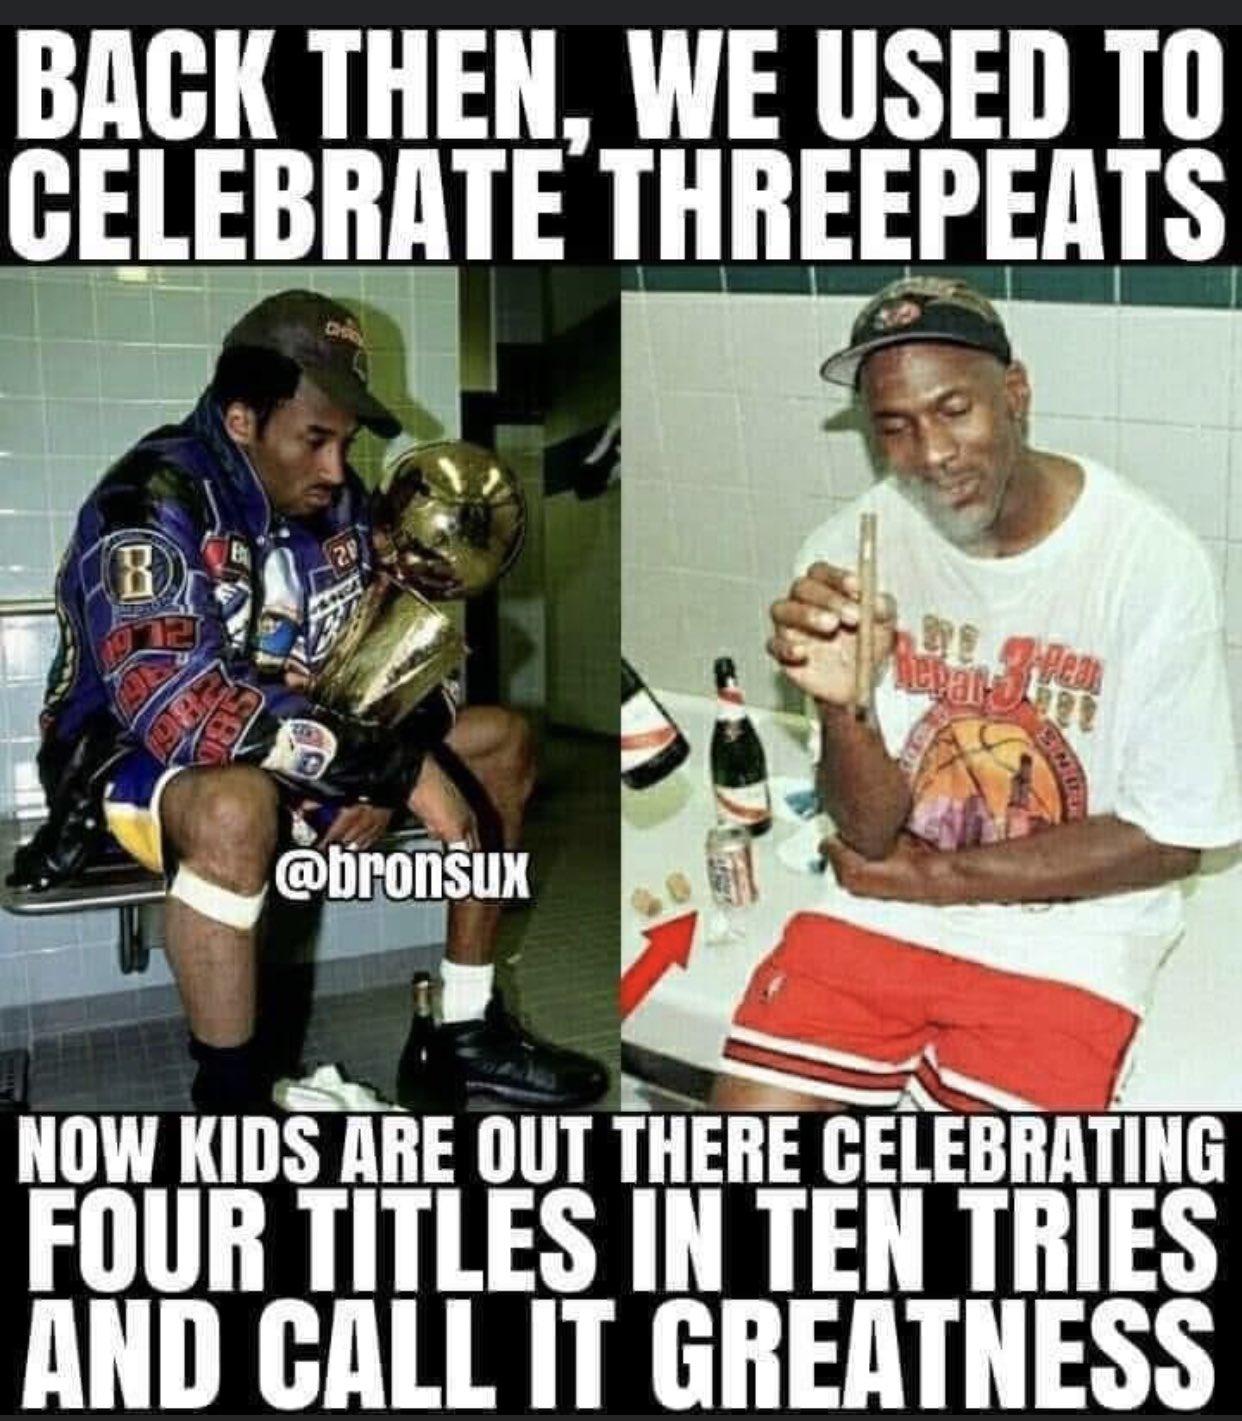 斯贝茨:以前只庆祝三连冠,现在的小孩称四冠为伟大